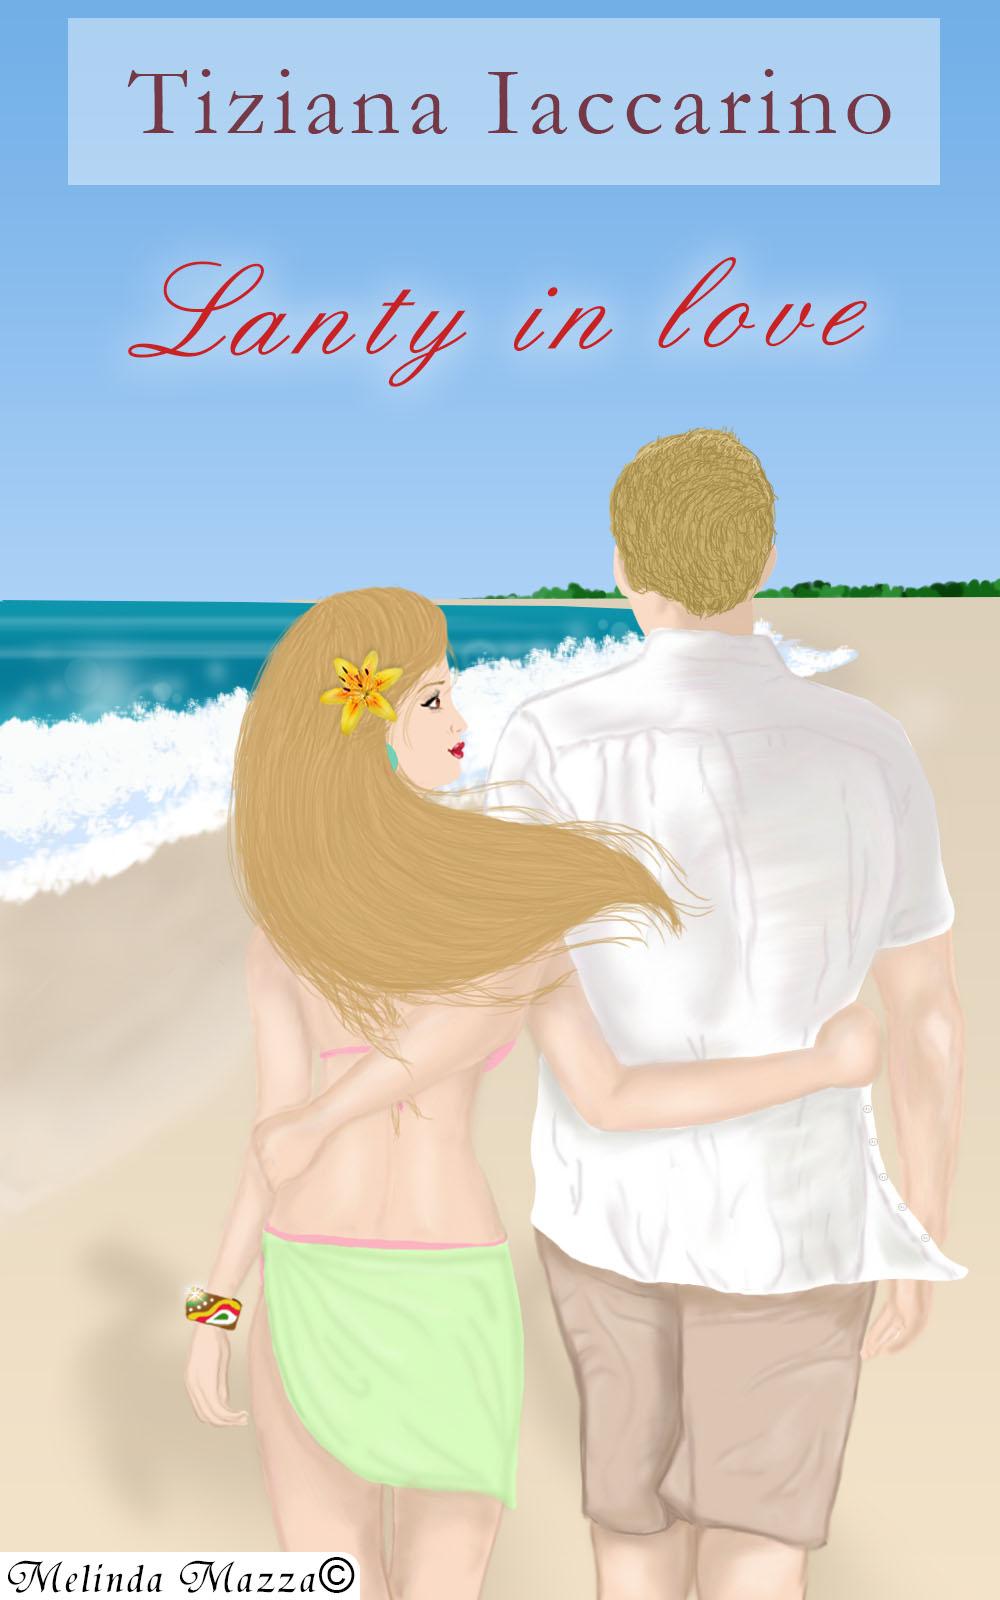 Lanty in love, un seguito appassionante per la serie Lanty&cookies!